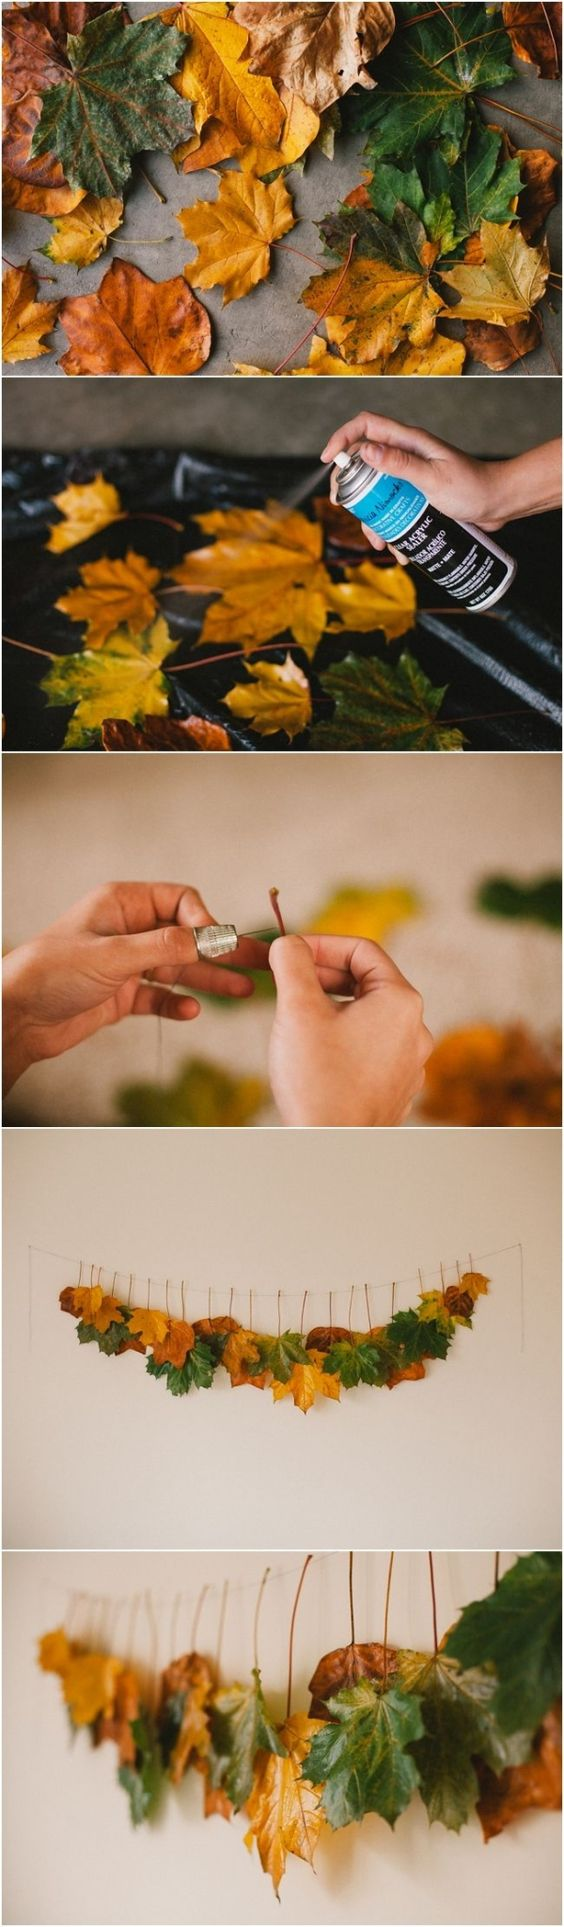 12 herfst decoratie ideeën die je zelf kan maken